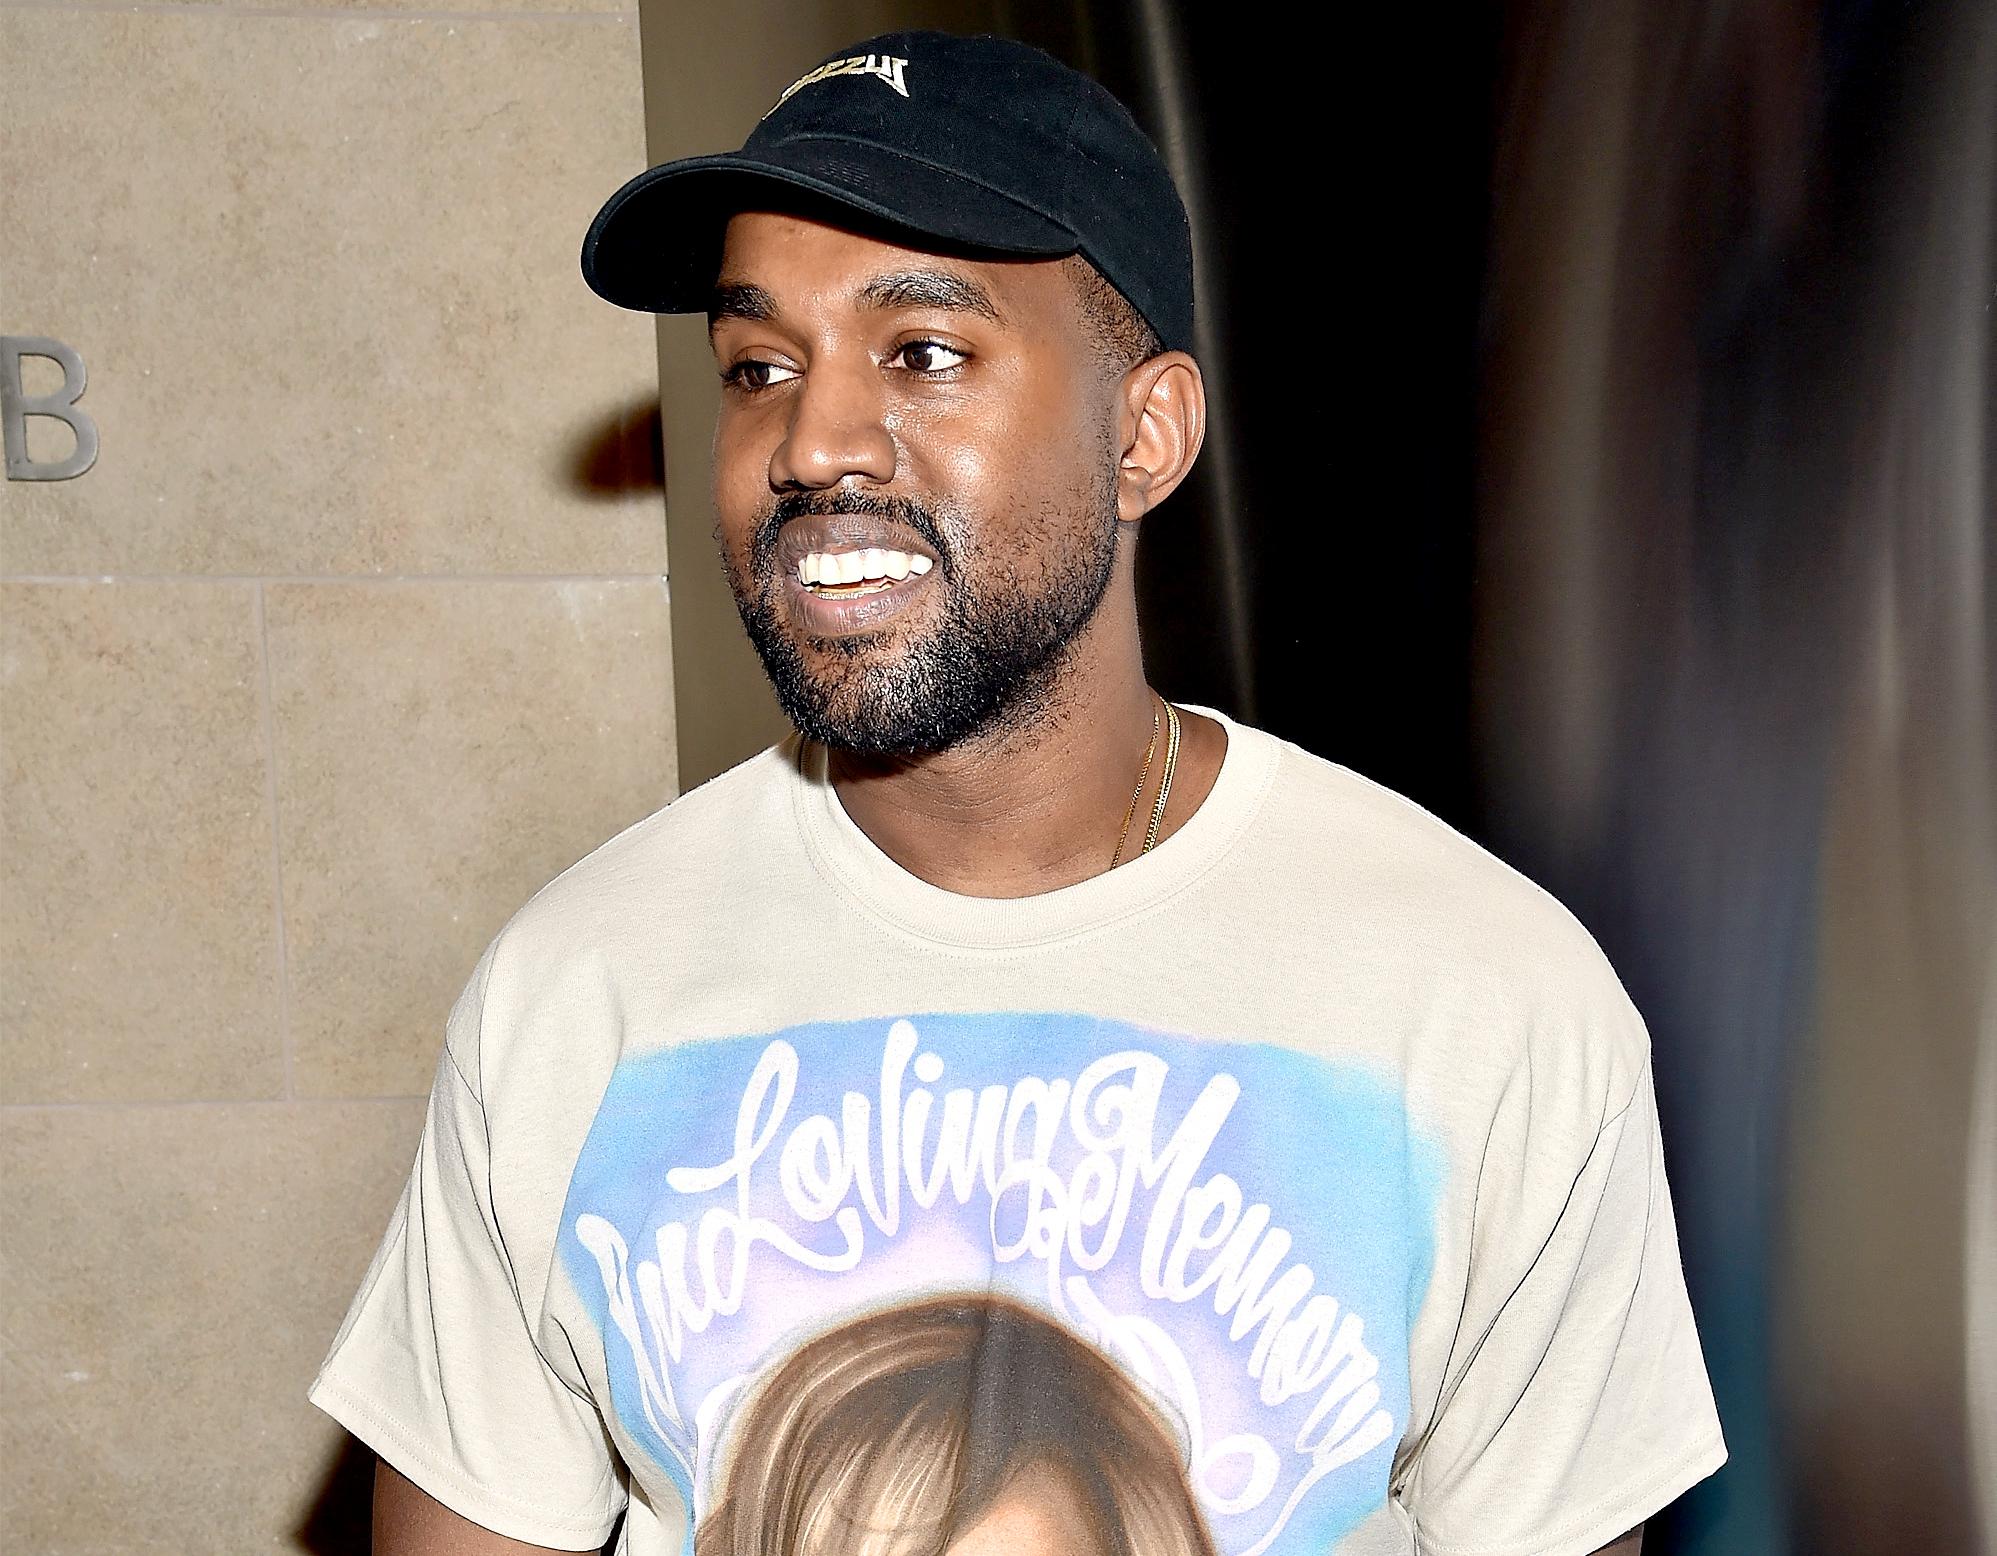 Kanye West attends Kanye West Yeezy Season 3 on February 11, 2016.